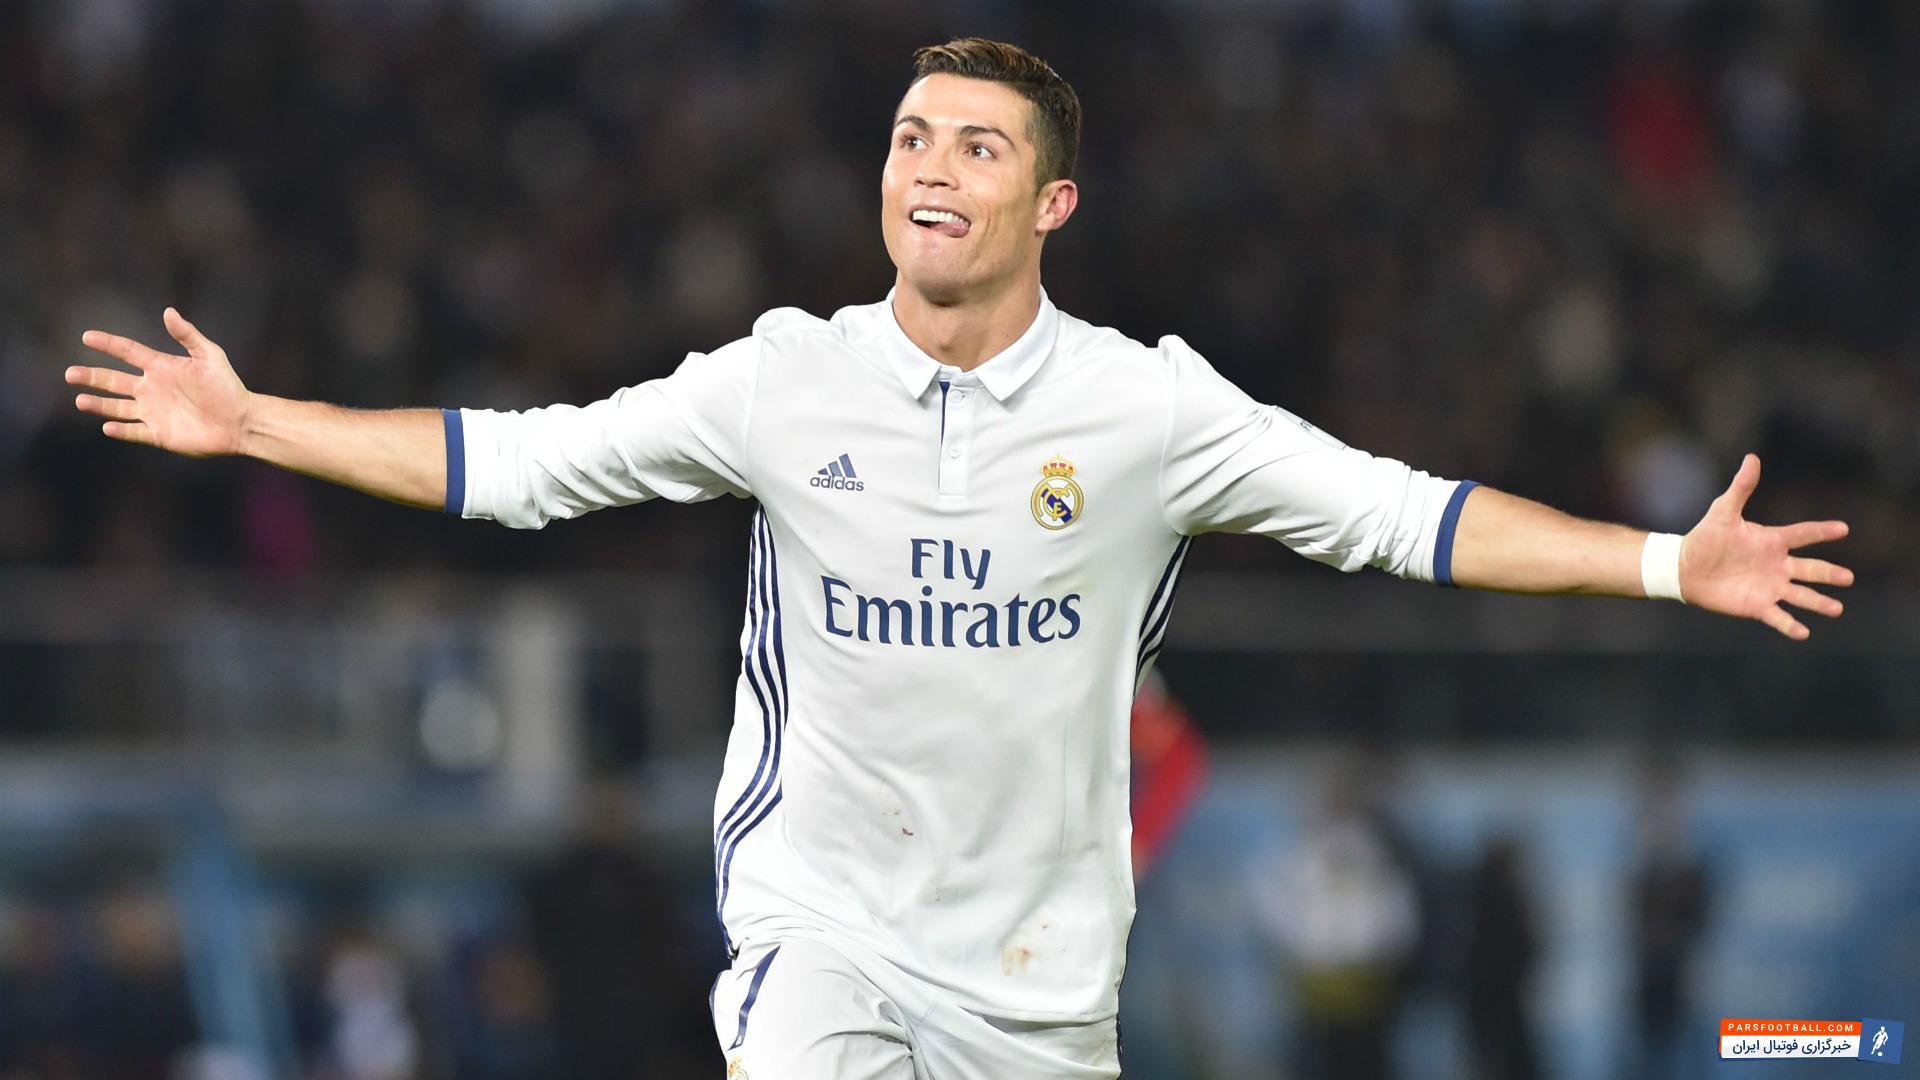 کریستیانو رونالدو ستاره رئال مادرید: محرومیت پنج جلسه یی اول فصل، ضربه سختی به من زد